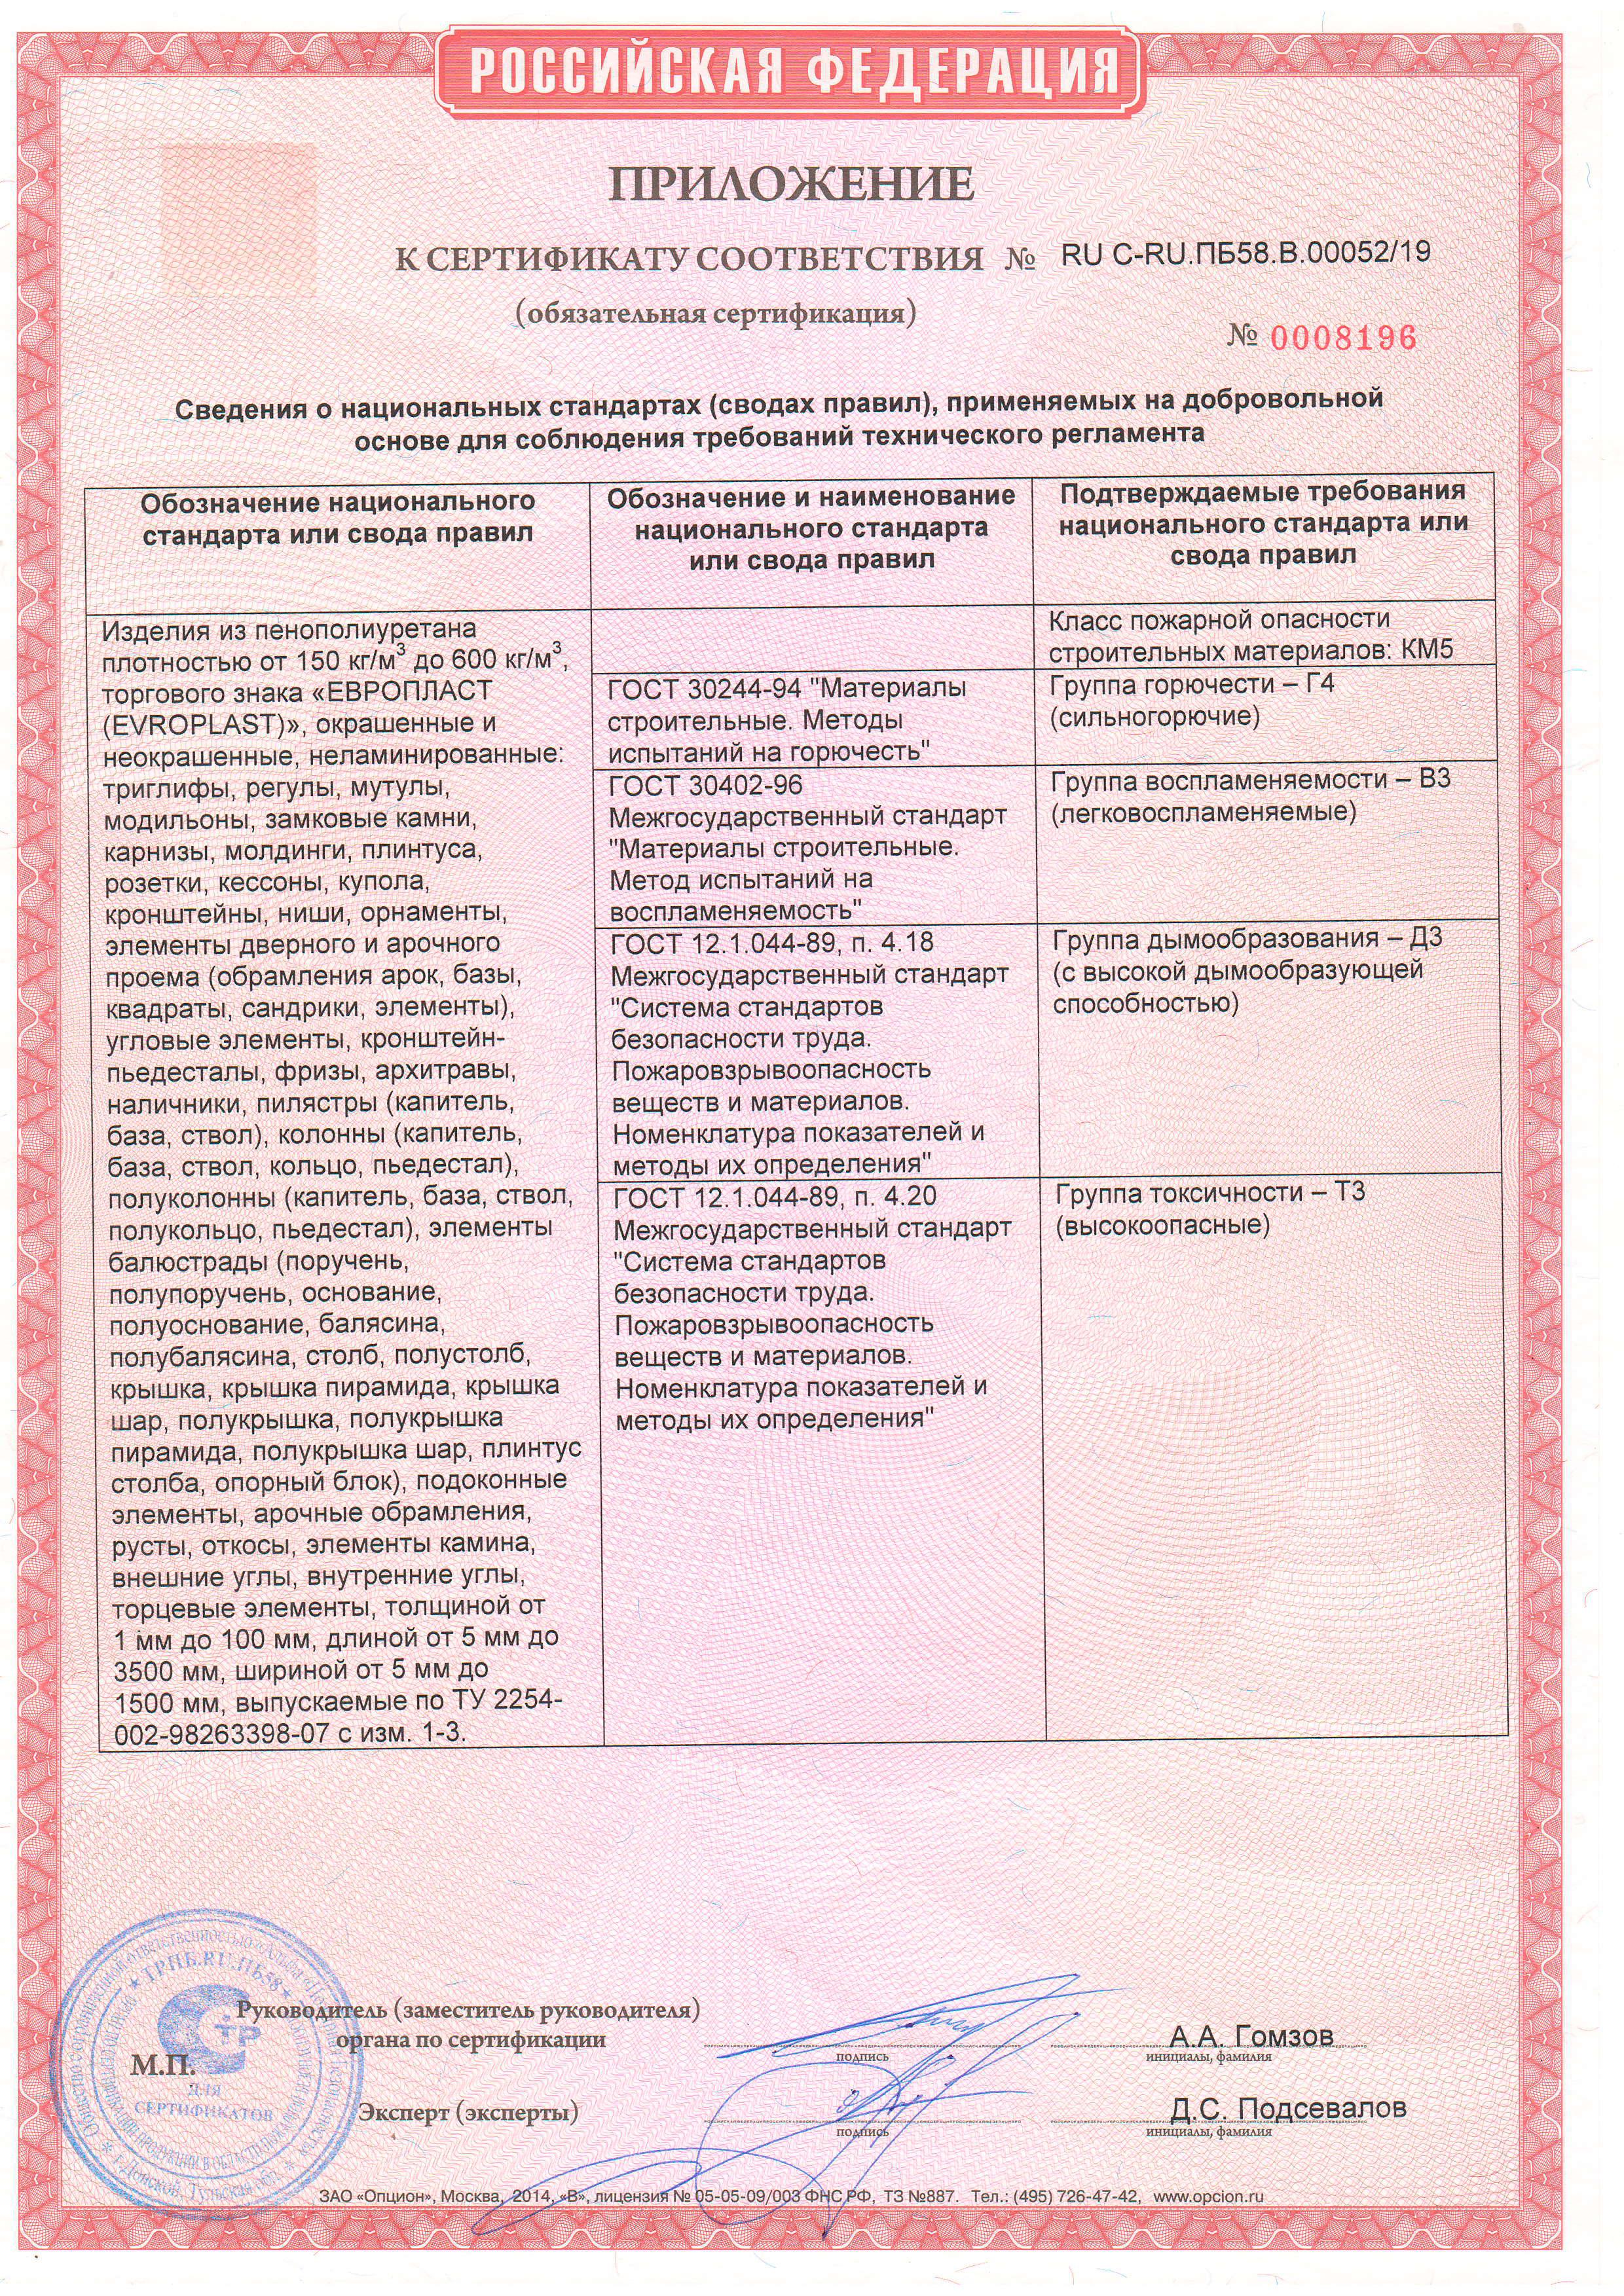 Сертификат пожарной безопасности. Подтверждает, что продукция изделия из пенополиуретана т.з.